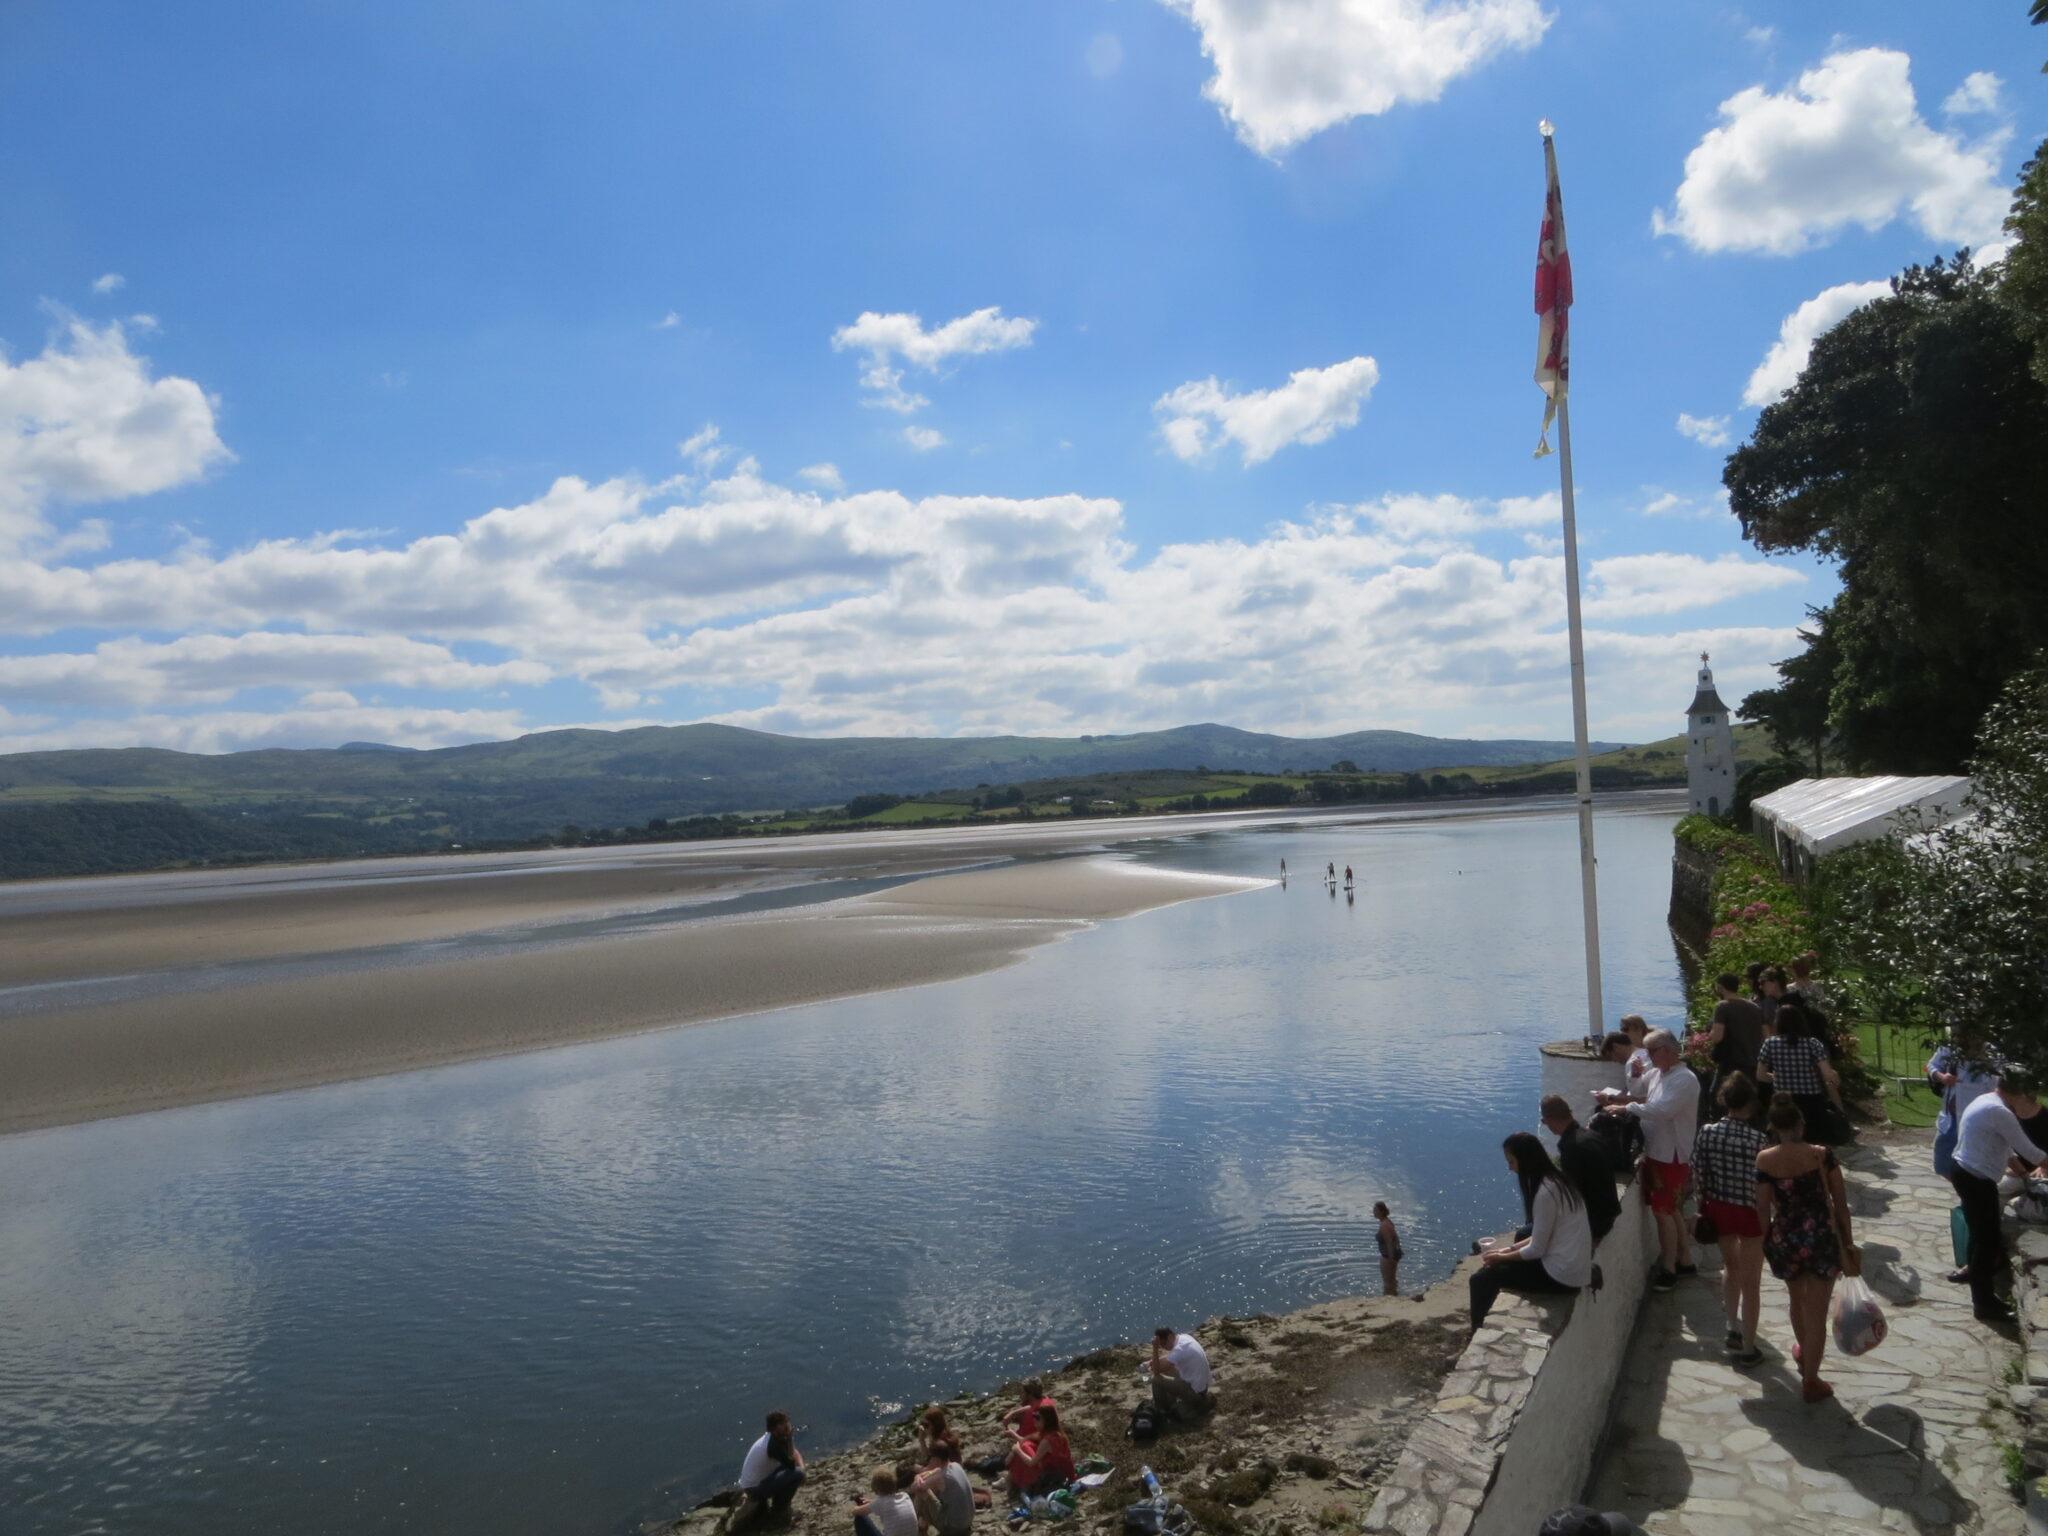 Festival No 6 estuary